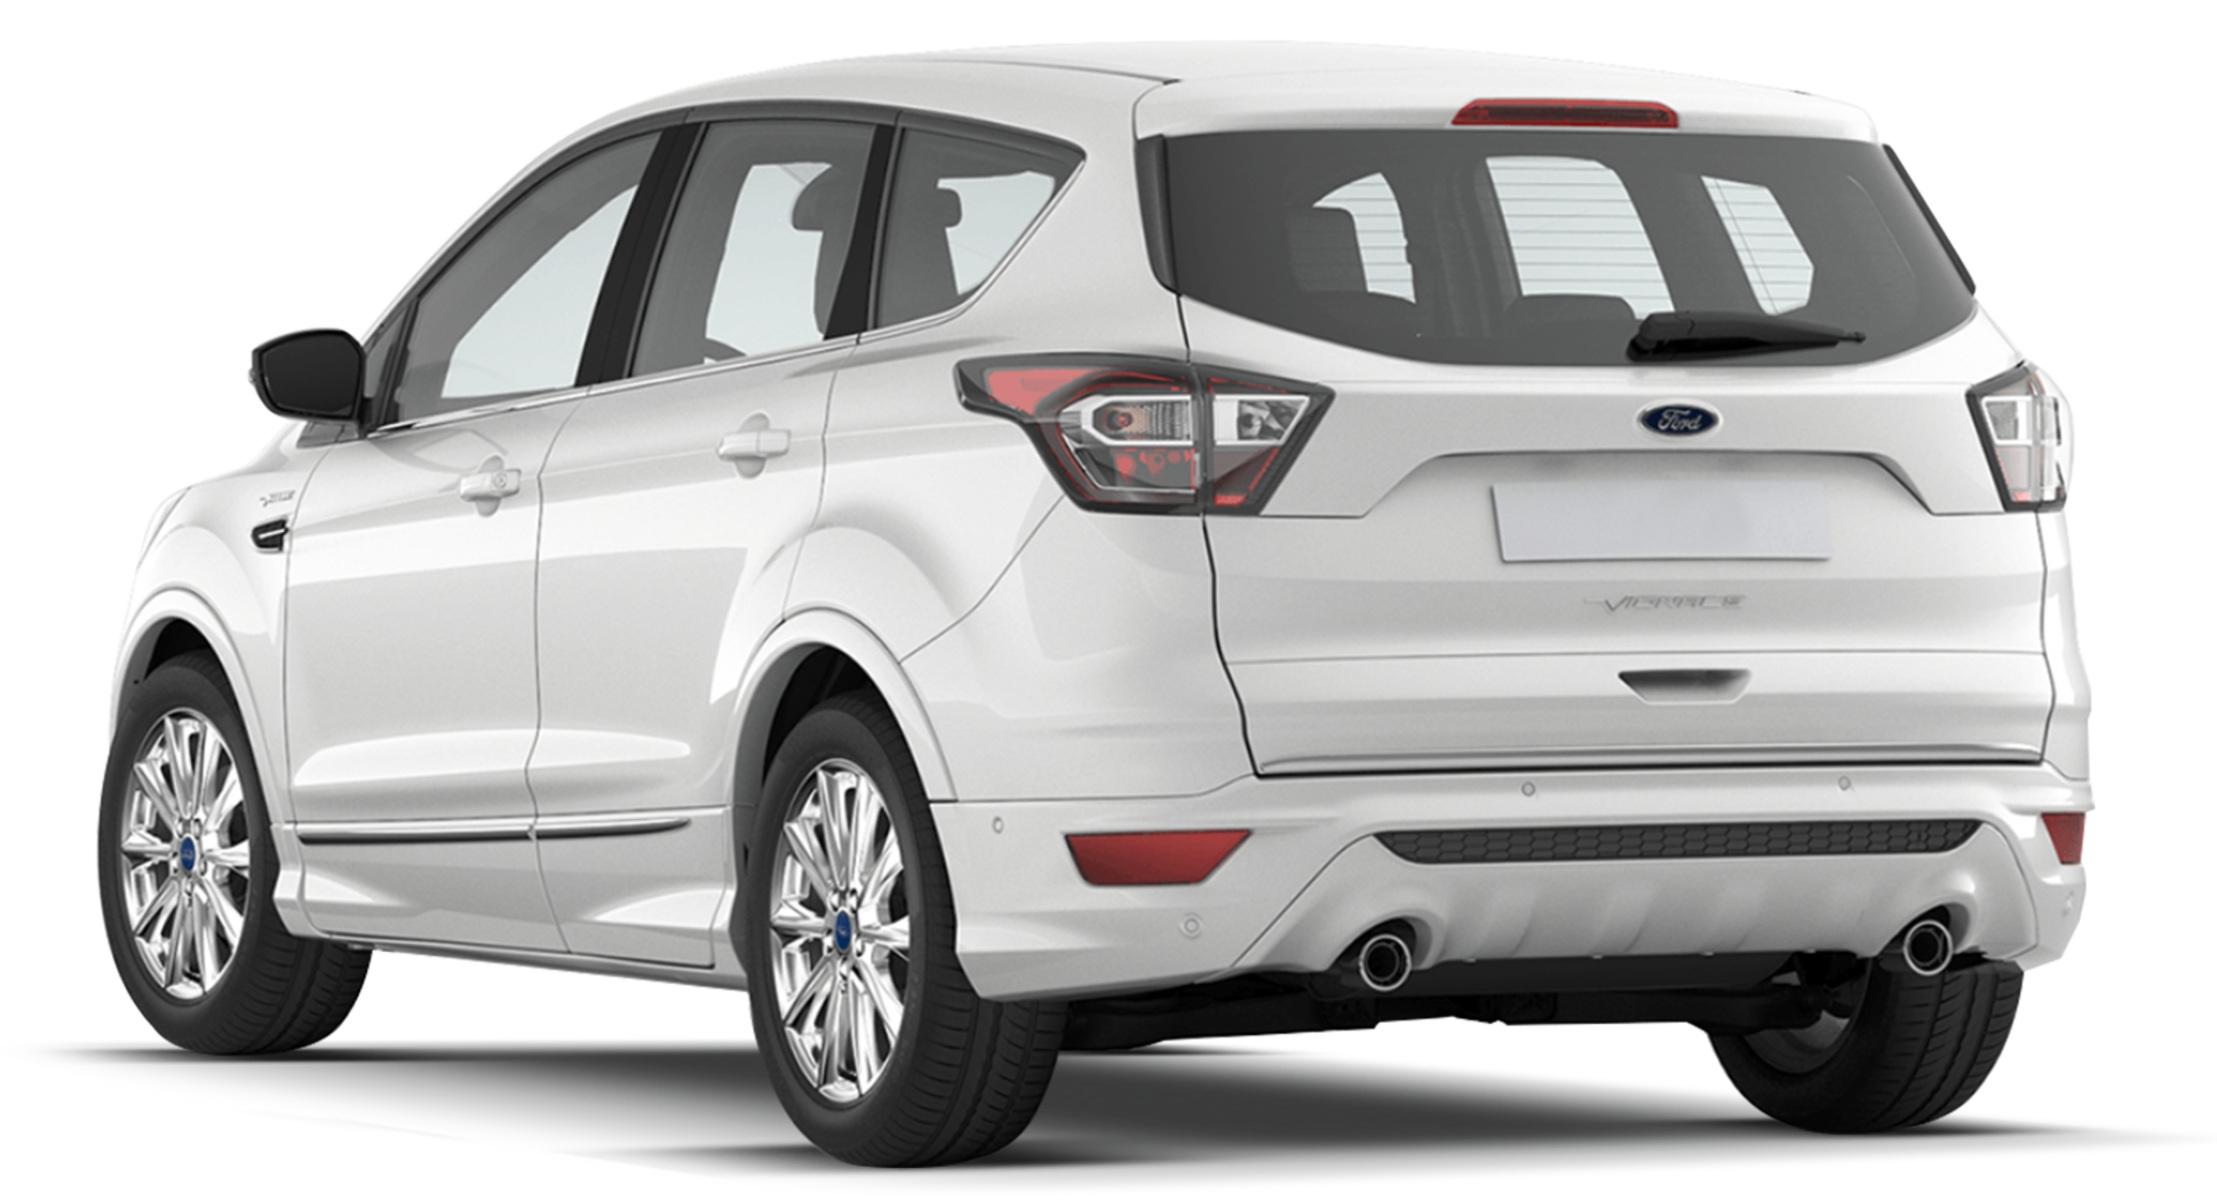 Listino Ford Kuga prezzo - scheda tecnica - consumi - foto ...